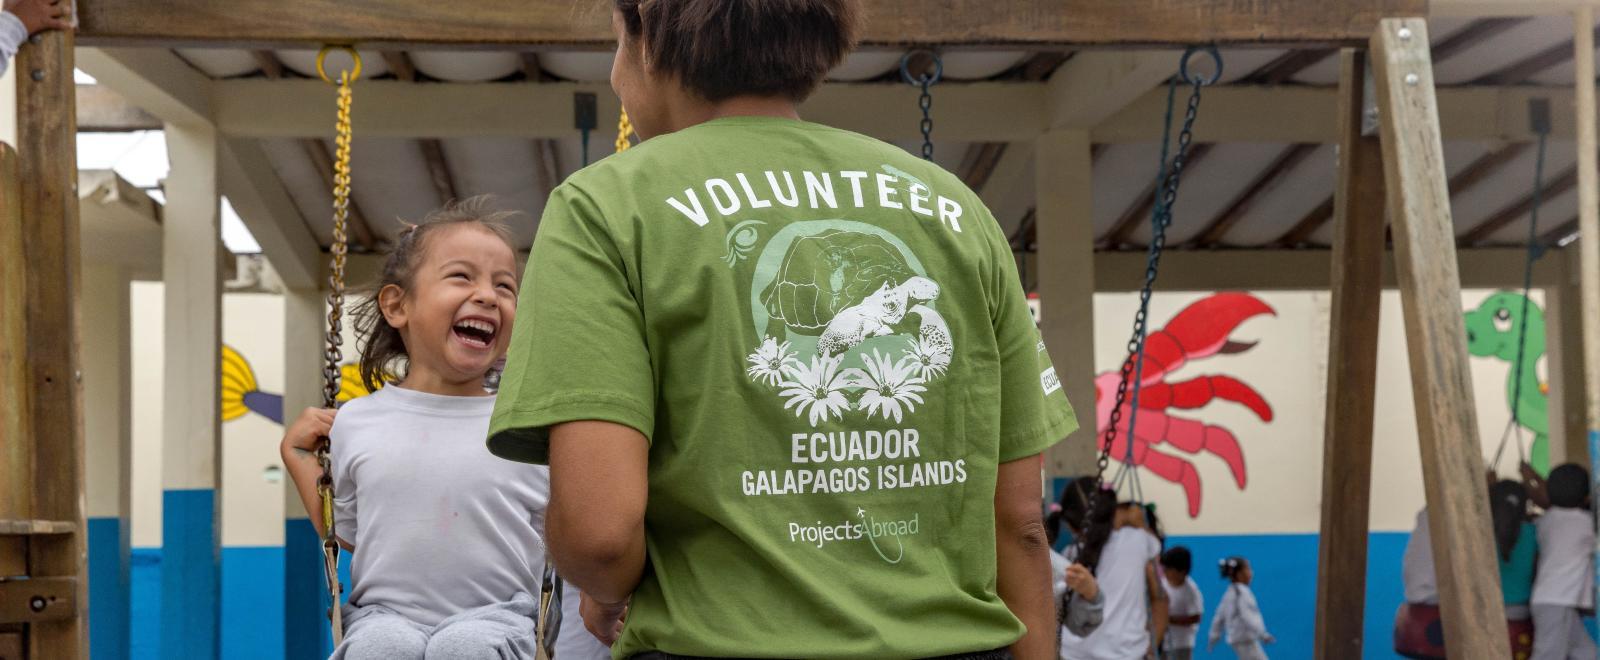 A childcare volunteer in Ecuador supervises children during playtime